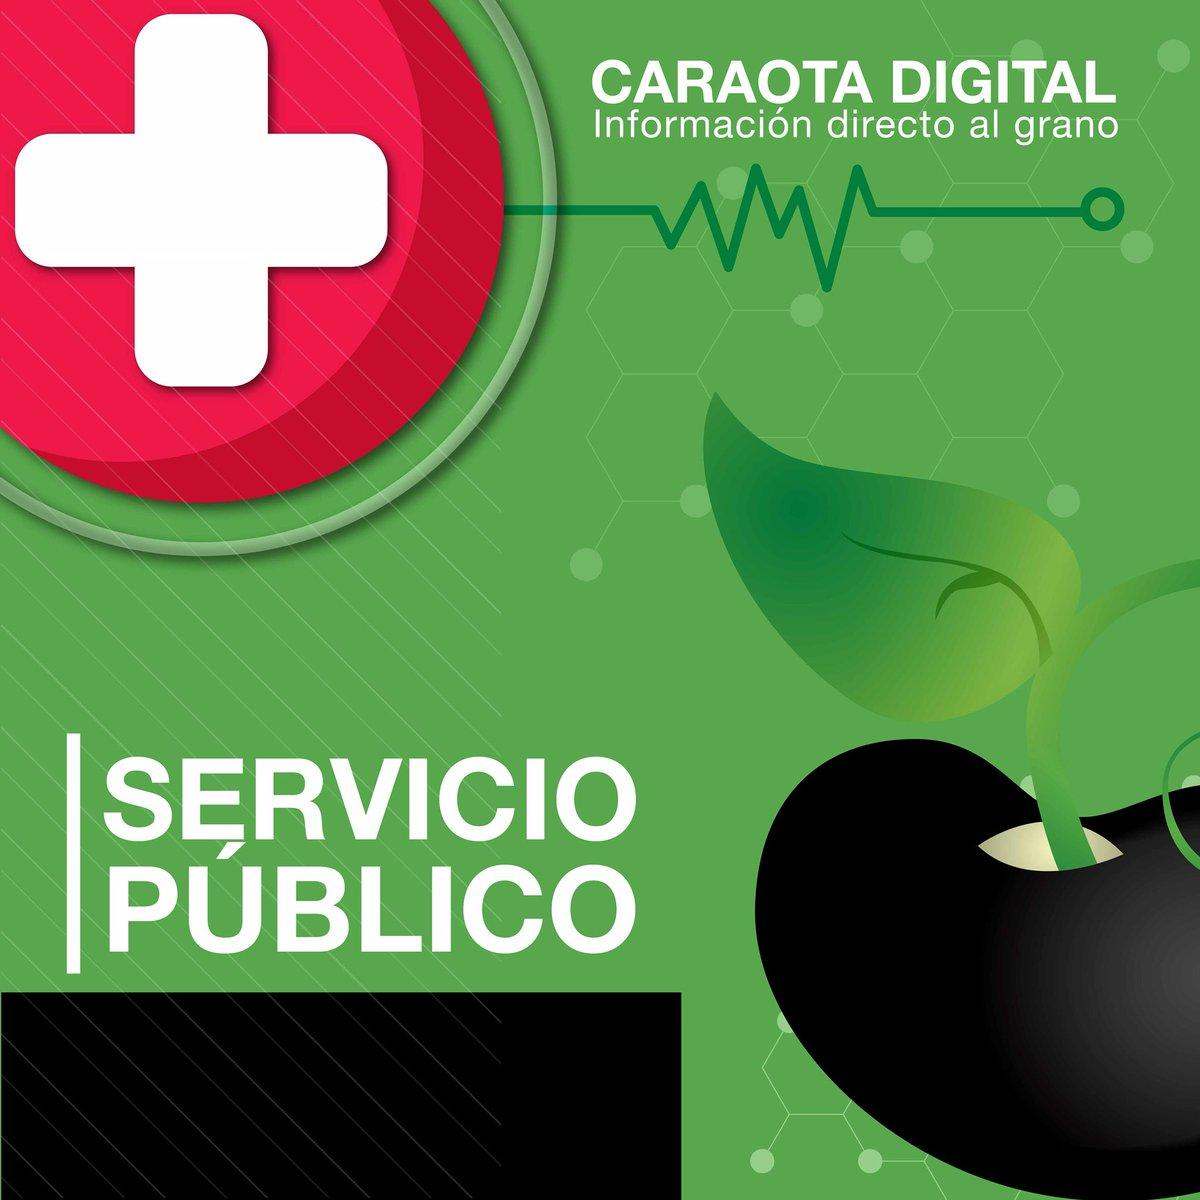 #ServicioPúblico Se necesita con carácter de urgencia el medicamento Gemzar o Gemcitabina para la señora Arelis Castillo. Los interesados favor comunicarse al 0412-2729818